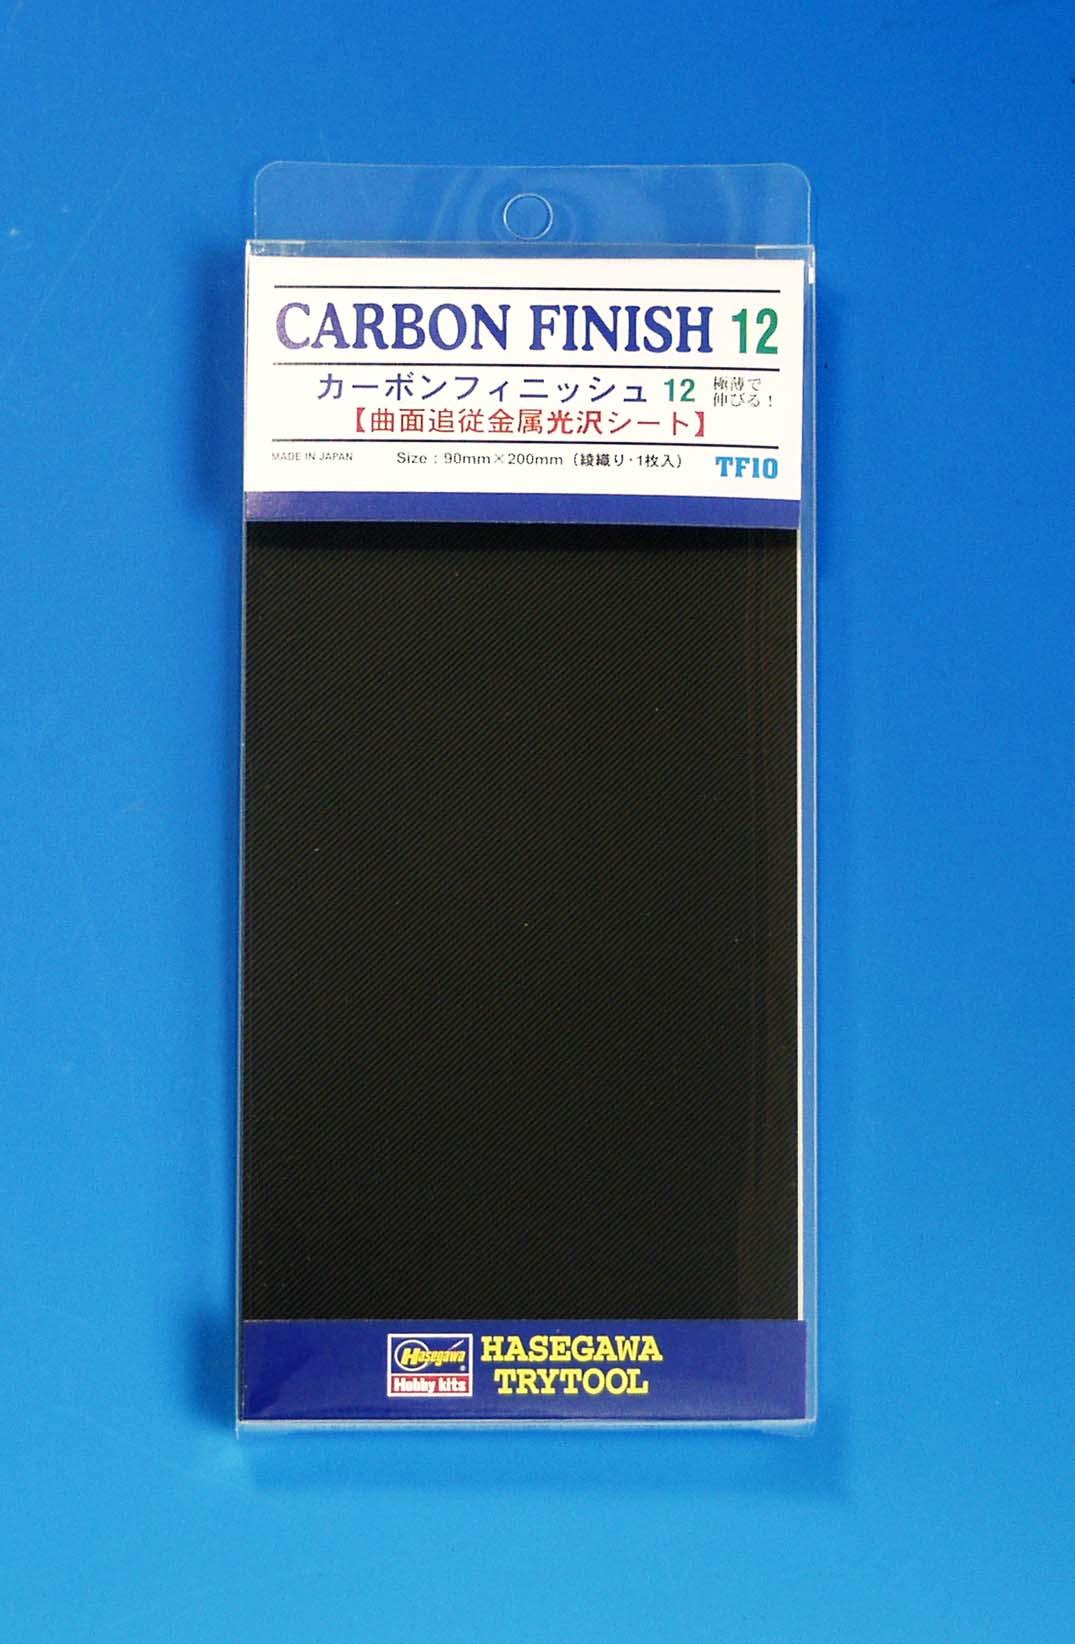 Hasegawa Carbon Finish 12 (Large-Meshes)